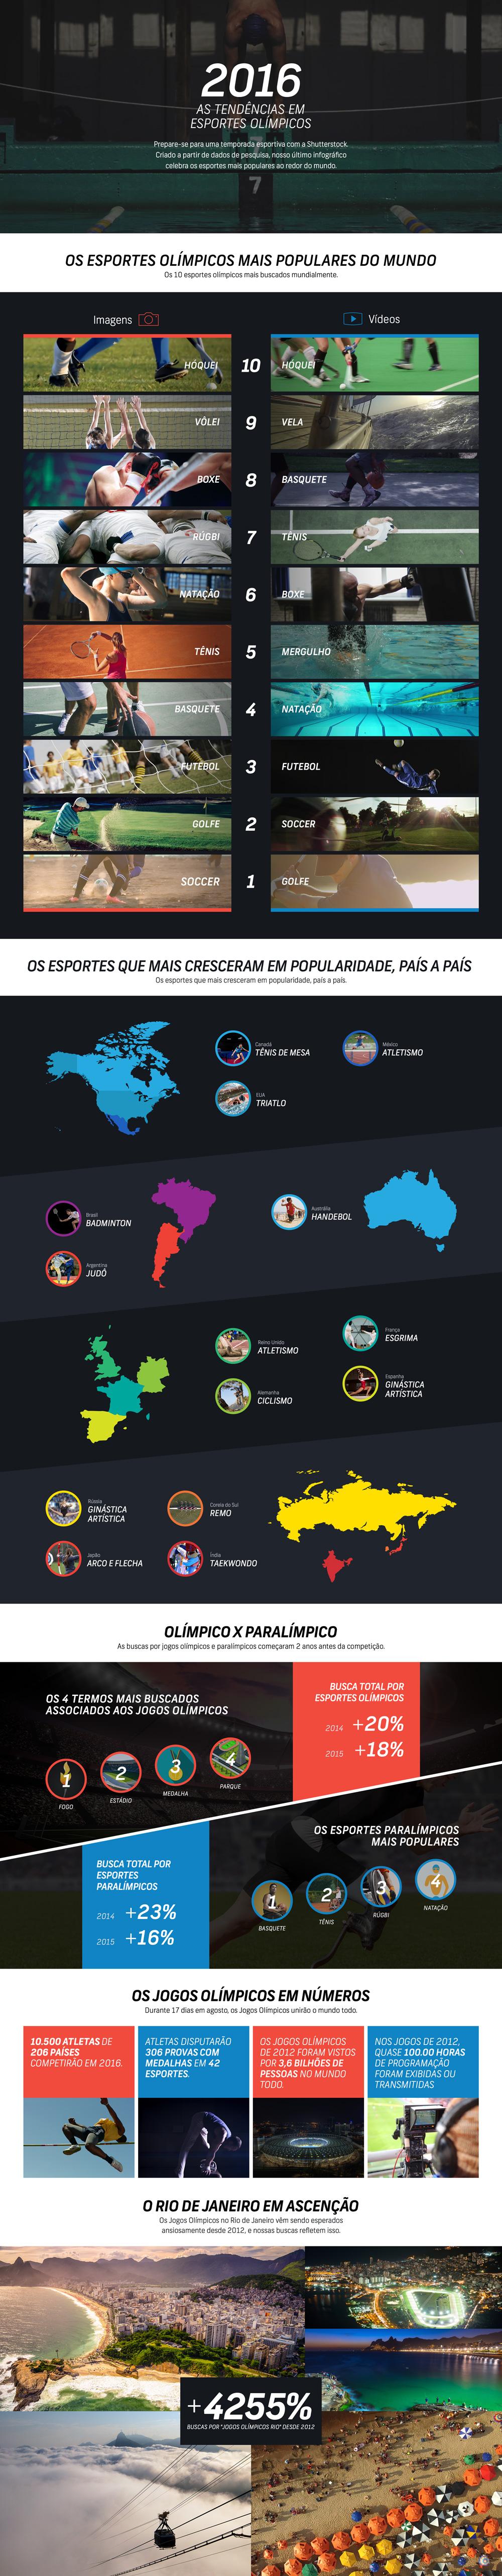 infograficoshutter